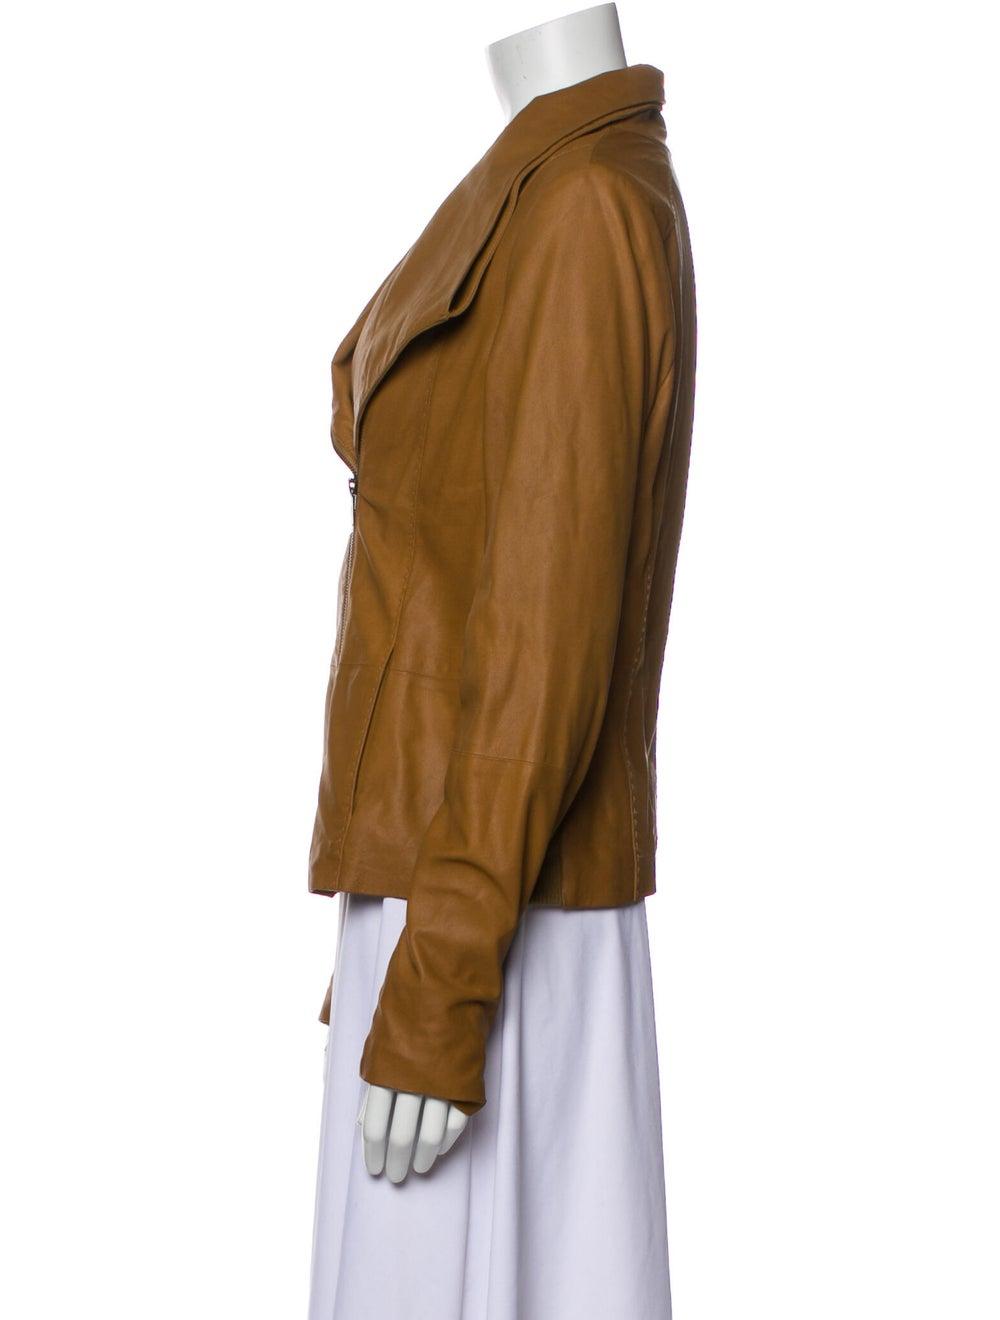 Vince Goat Leather Biker Jacket - image 2